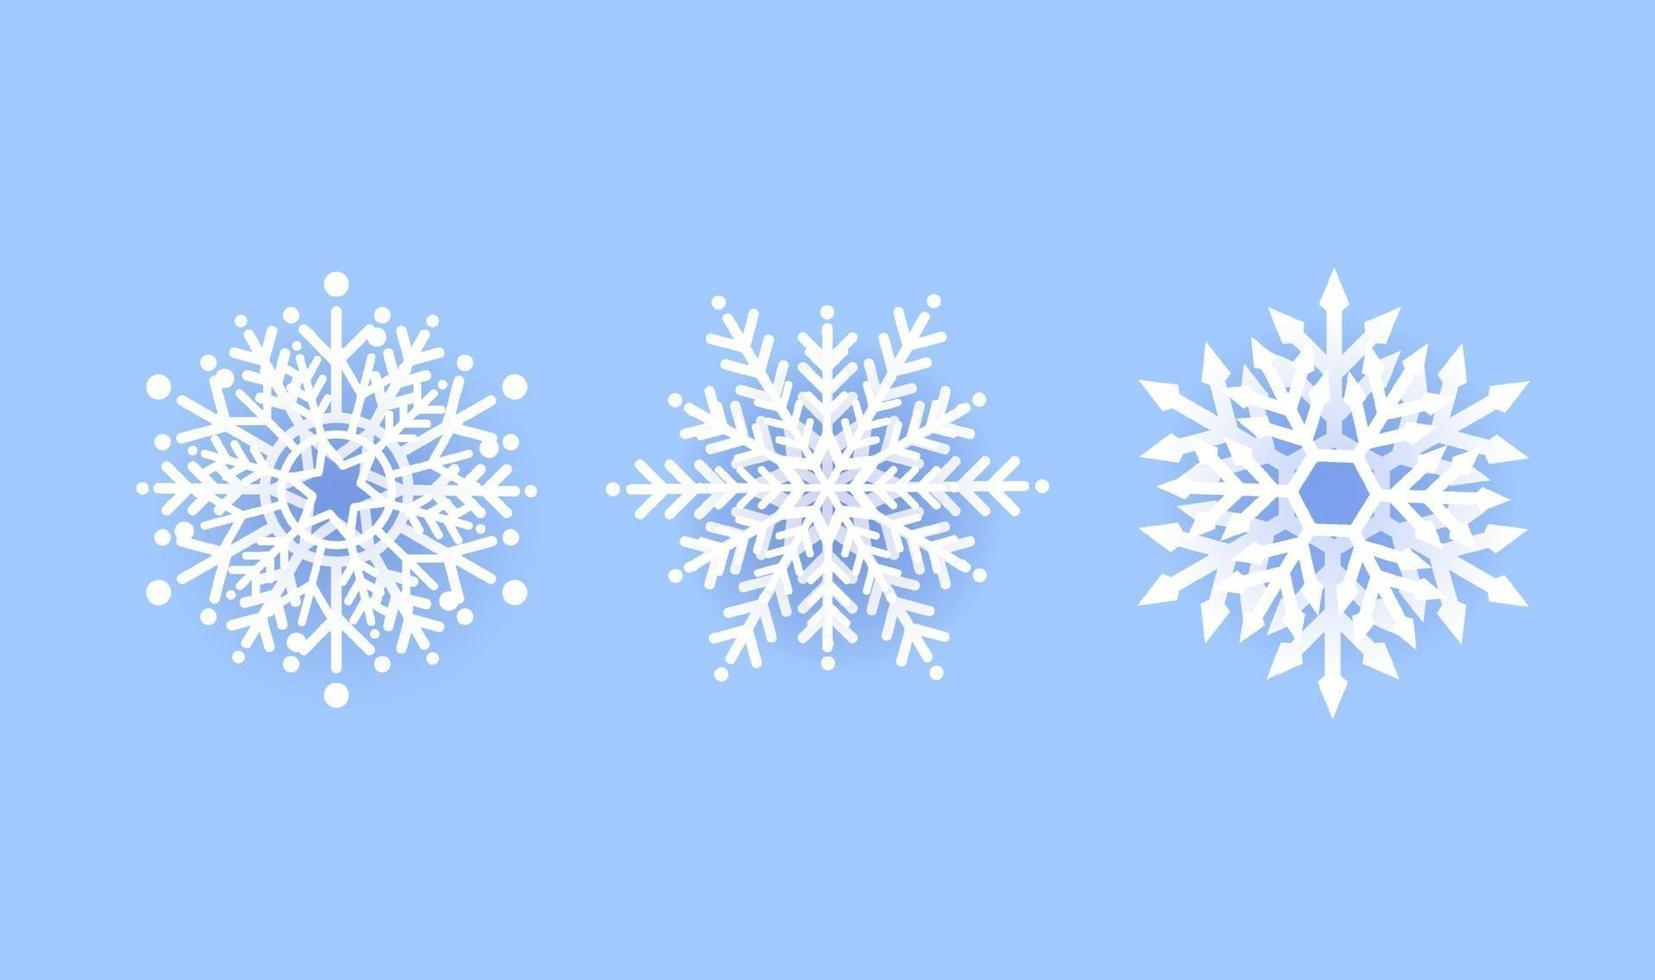 sneeuwvlok winter decorontwerp pictogram op blauwe achtergrond. vector illustratie